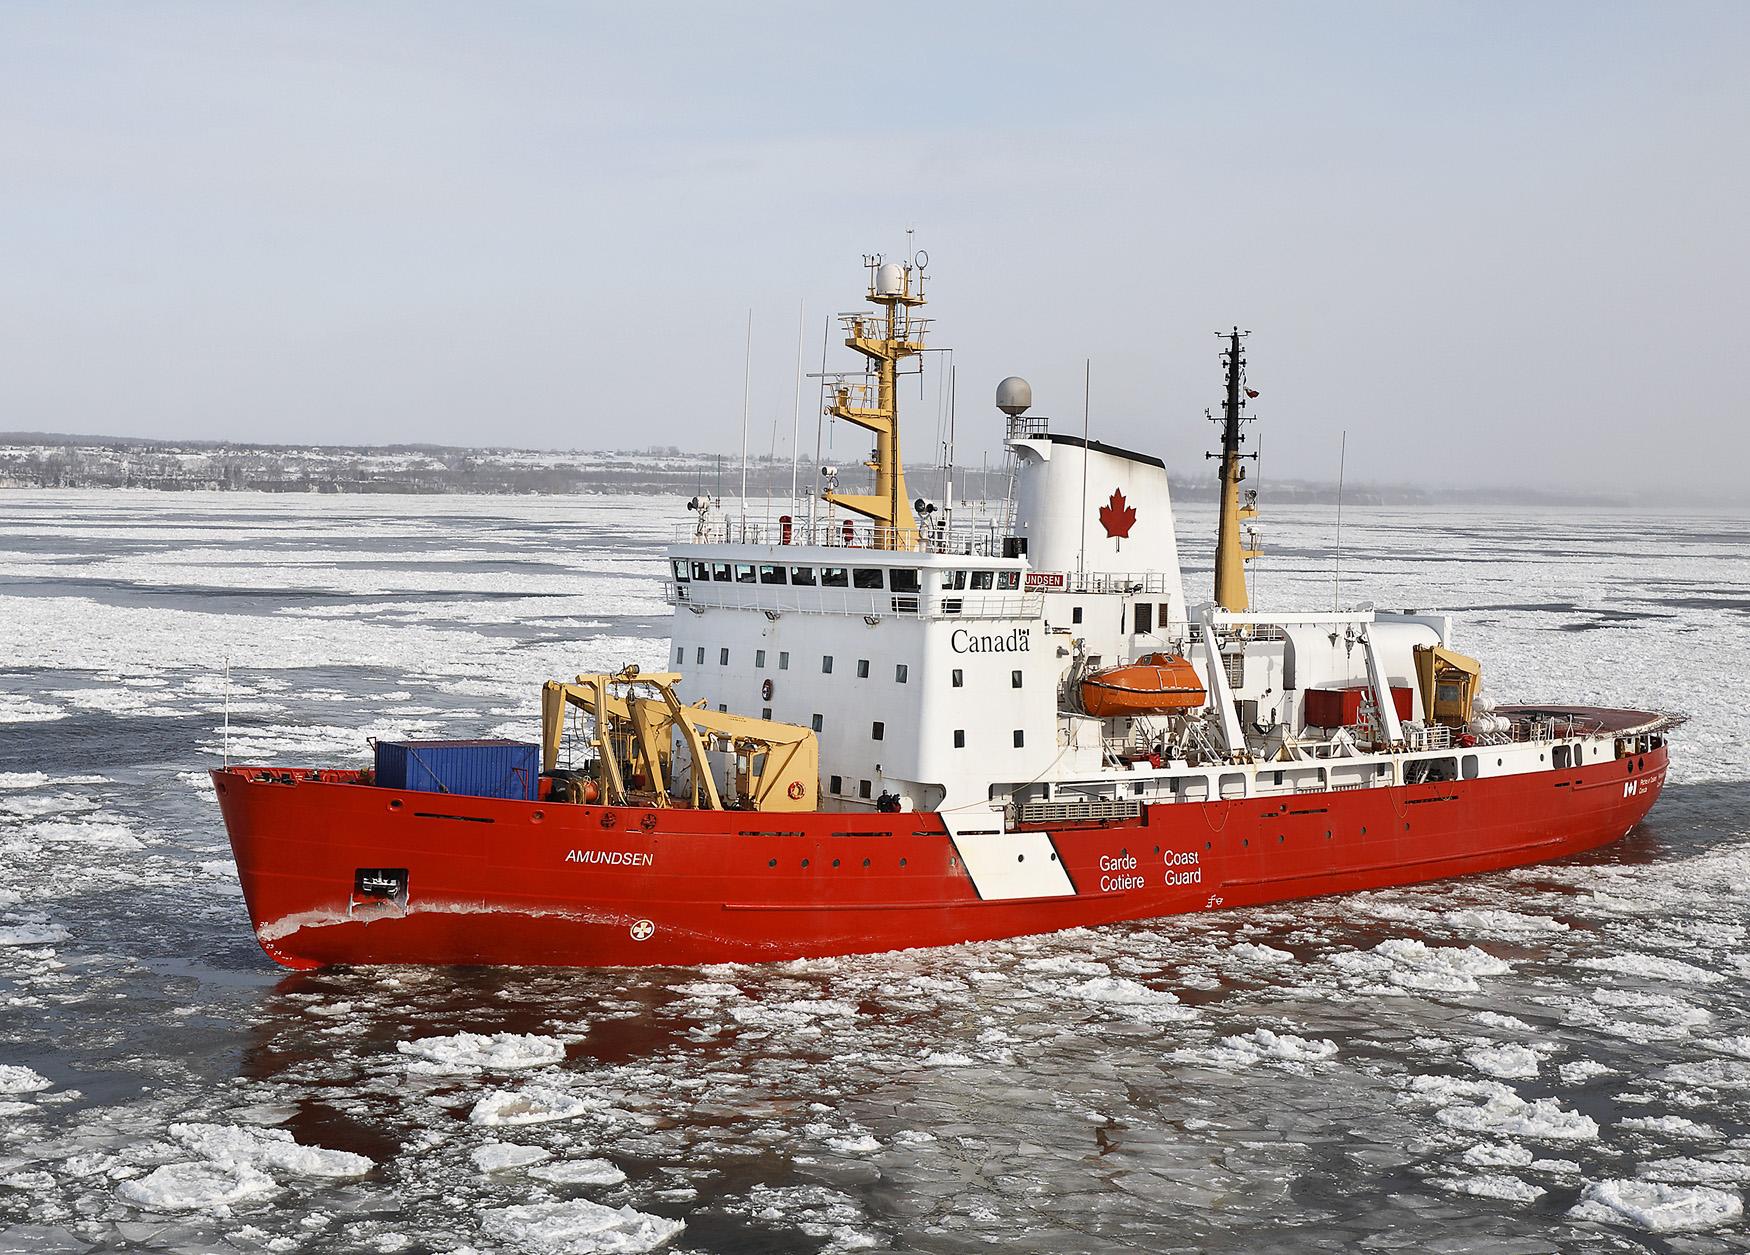 Ледокол «Амундсен» (CCGS Amundsen).